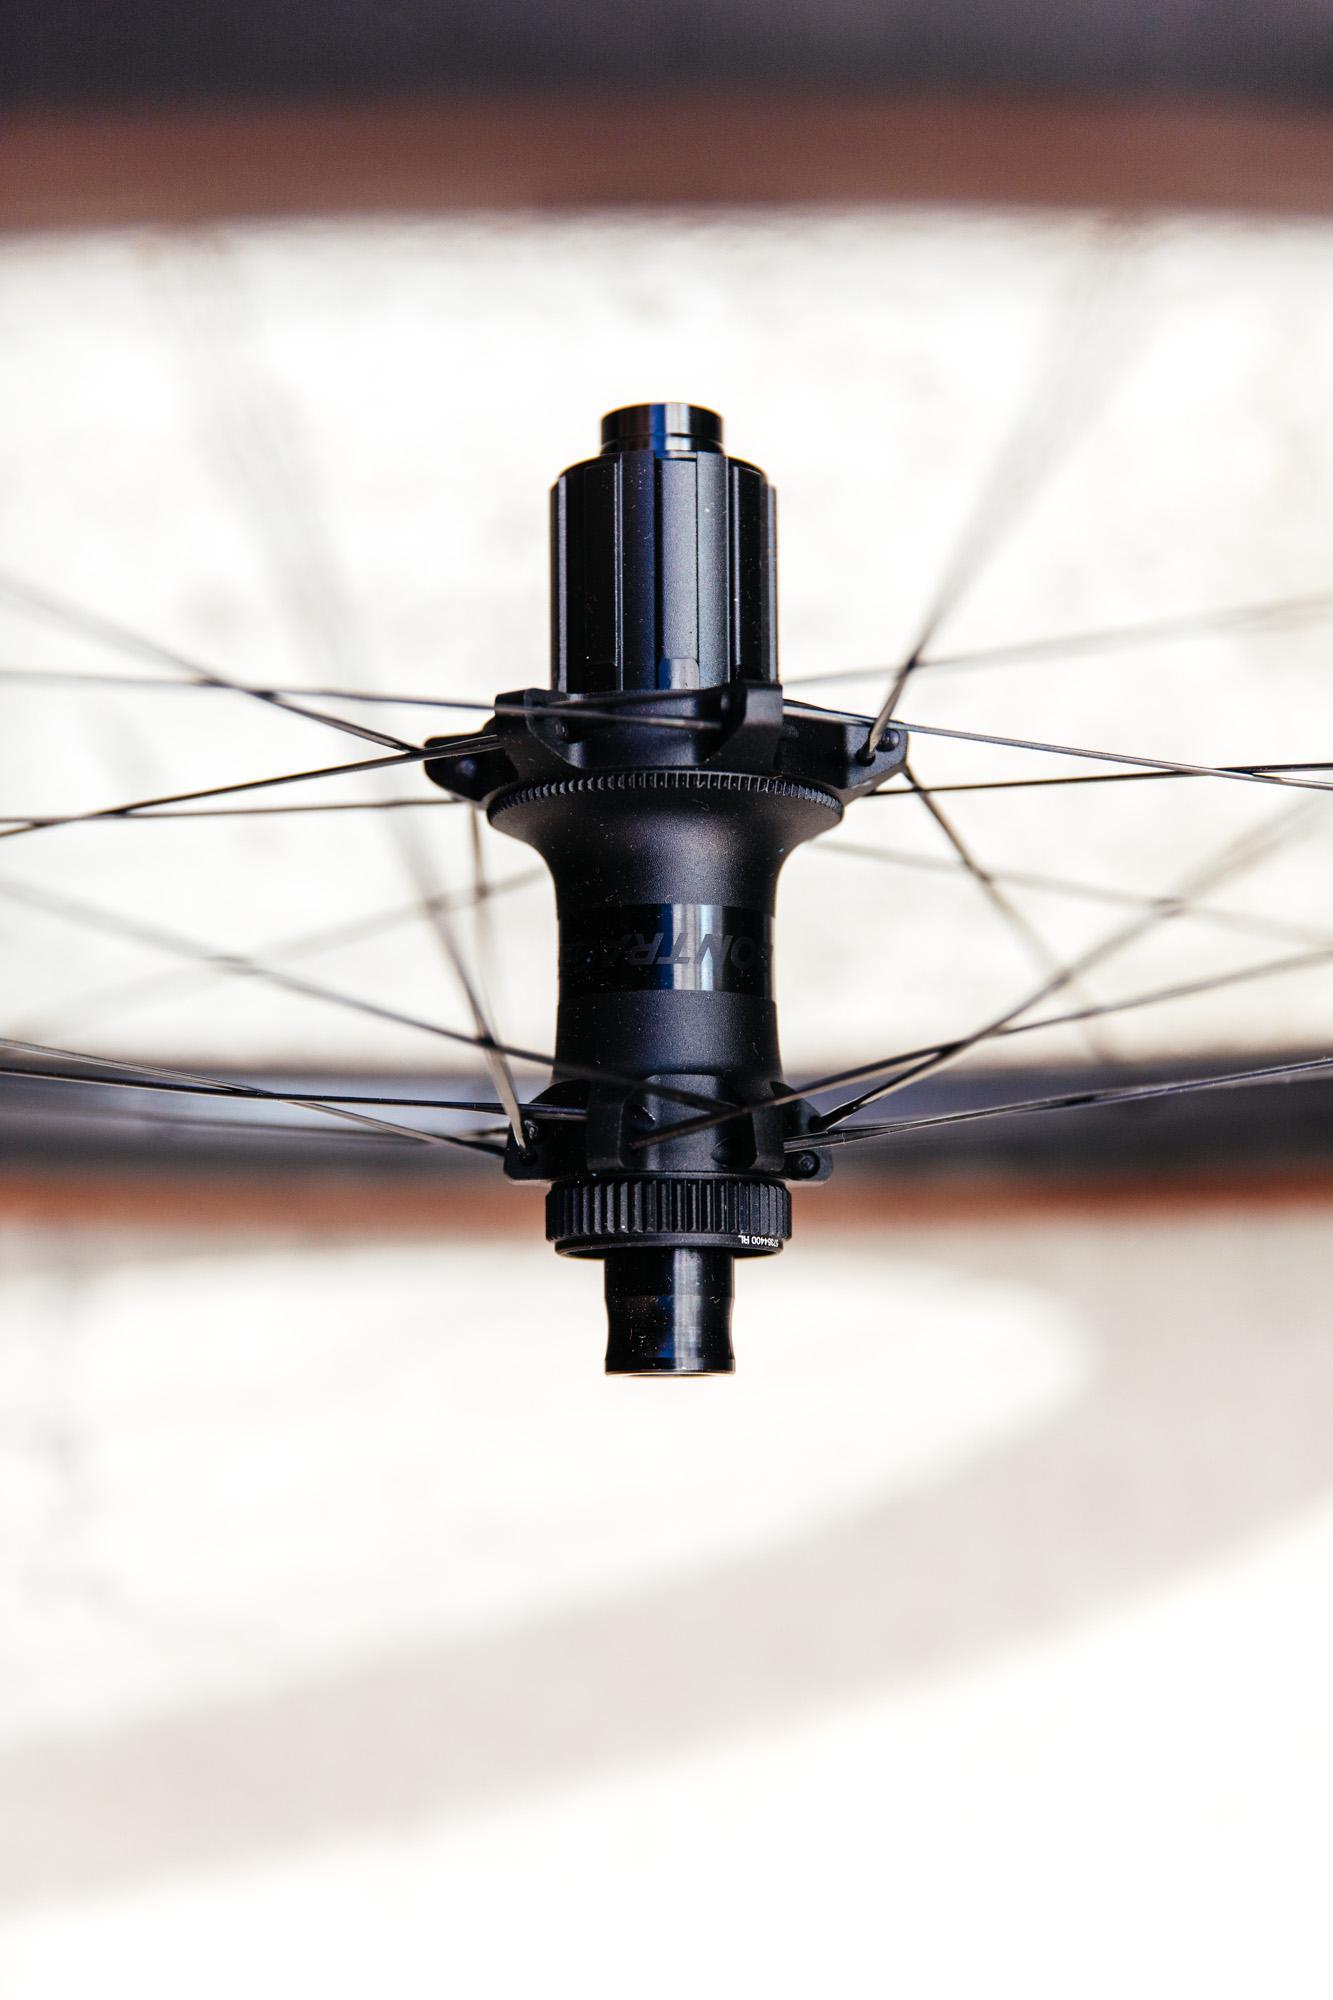 Bontrager Aeolus Pro 3V Wheels-5